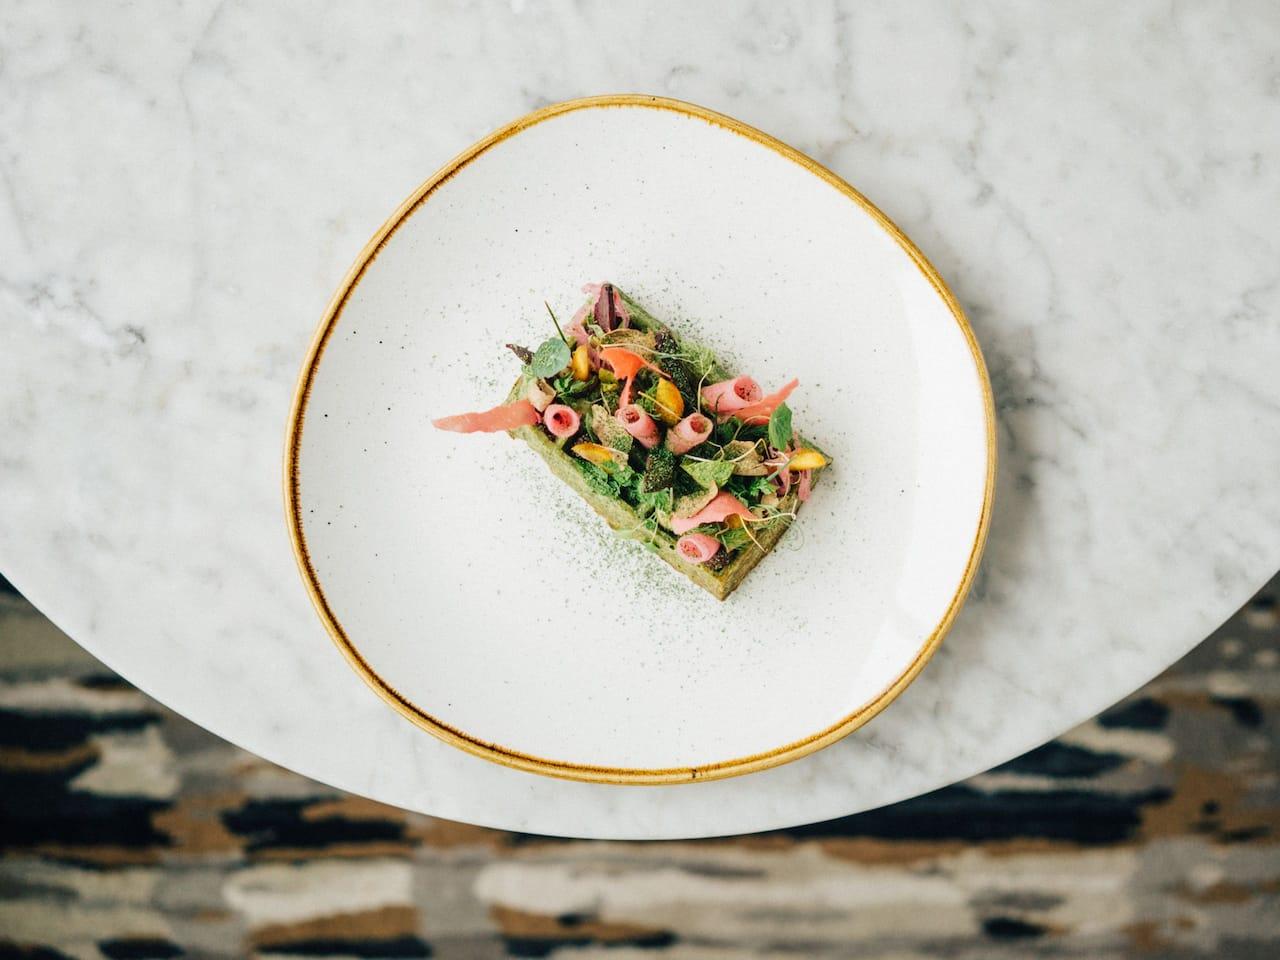 Glashaus Vegetation Waffle